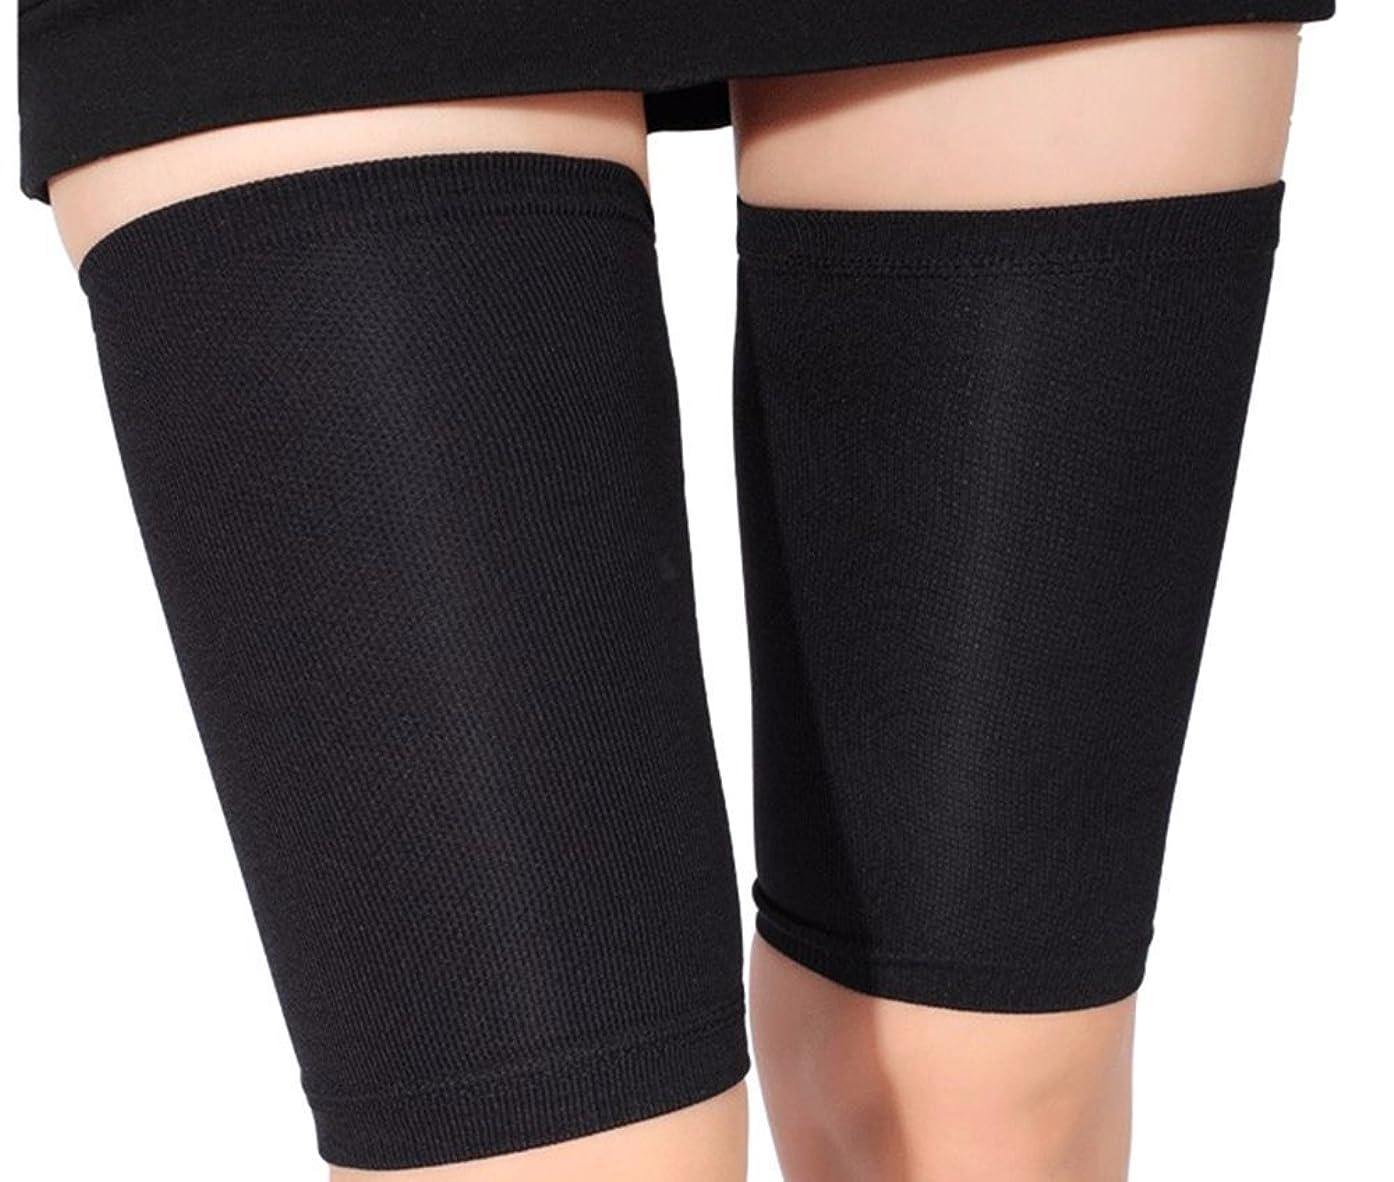 診療所規定ポータル太もも燃焼 むくみ セルライト 除去 婦人科系 に作用 両足セット